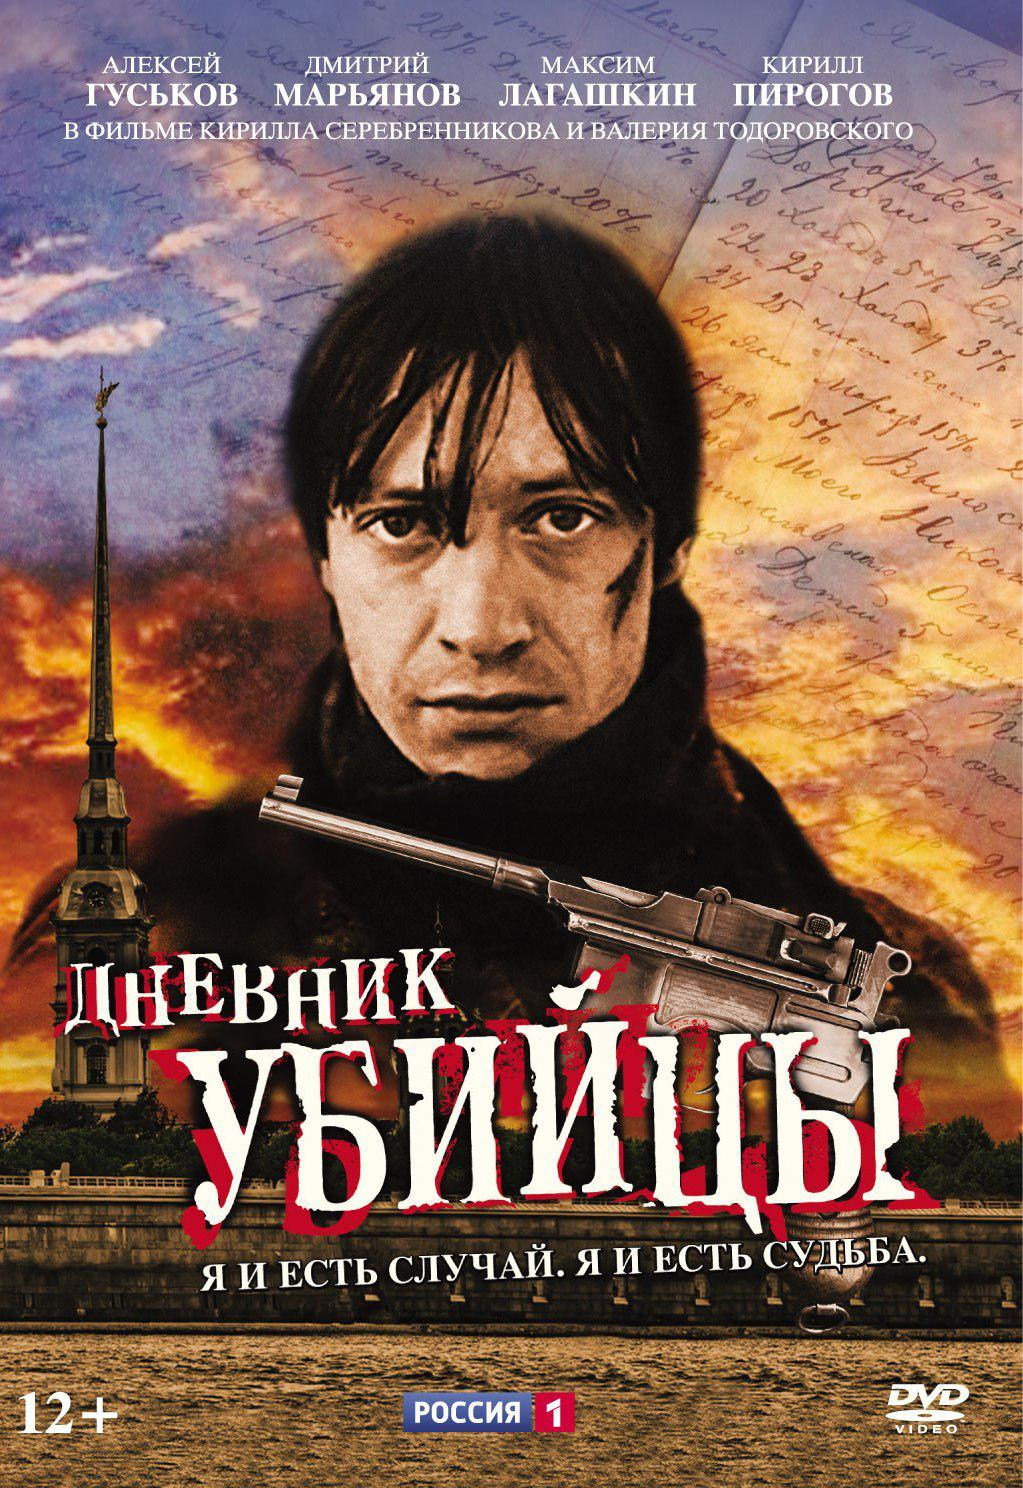 DVD. Дневник убийцы. 12 серий